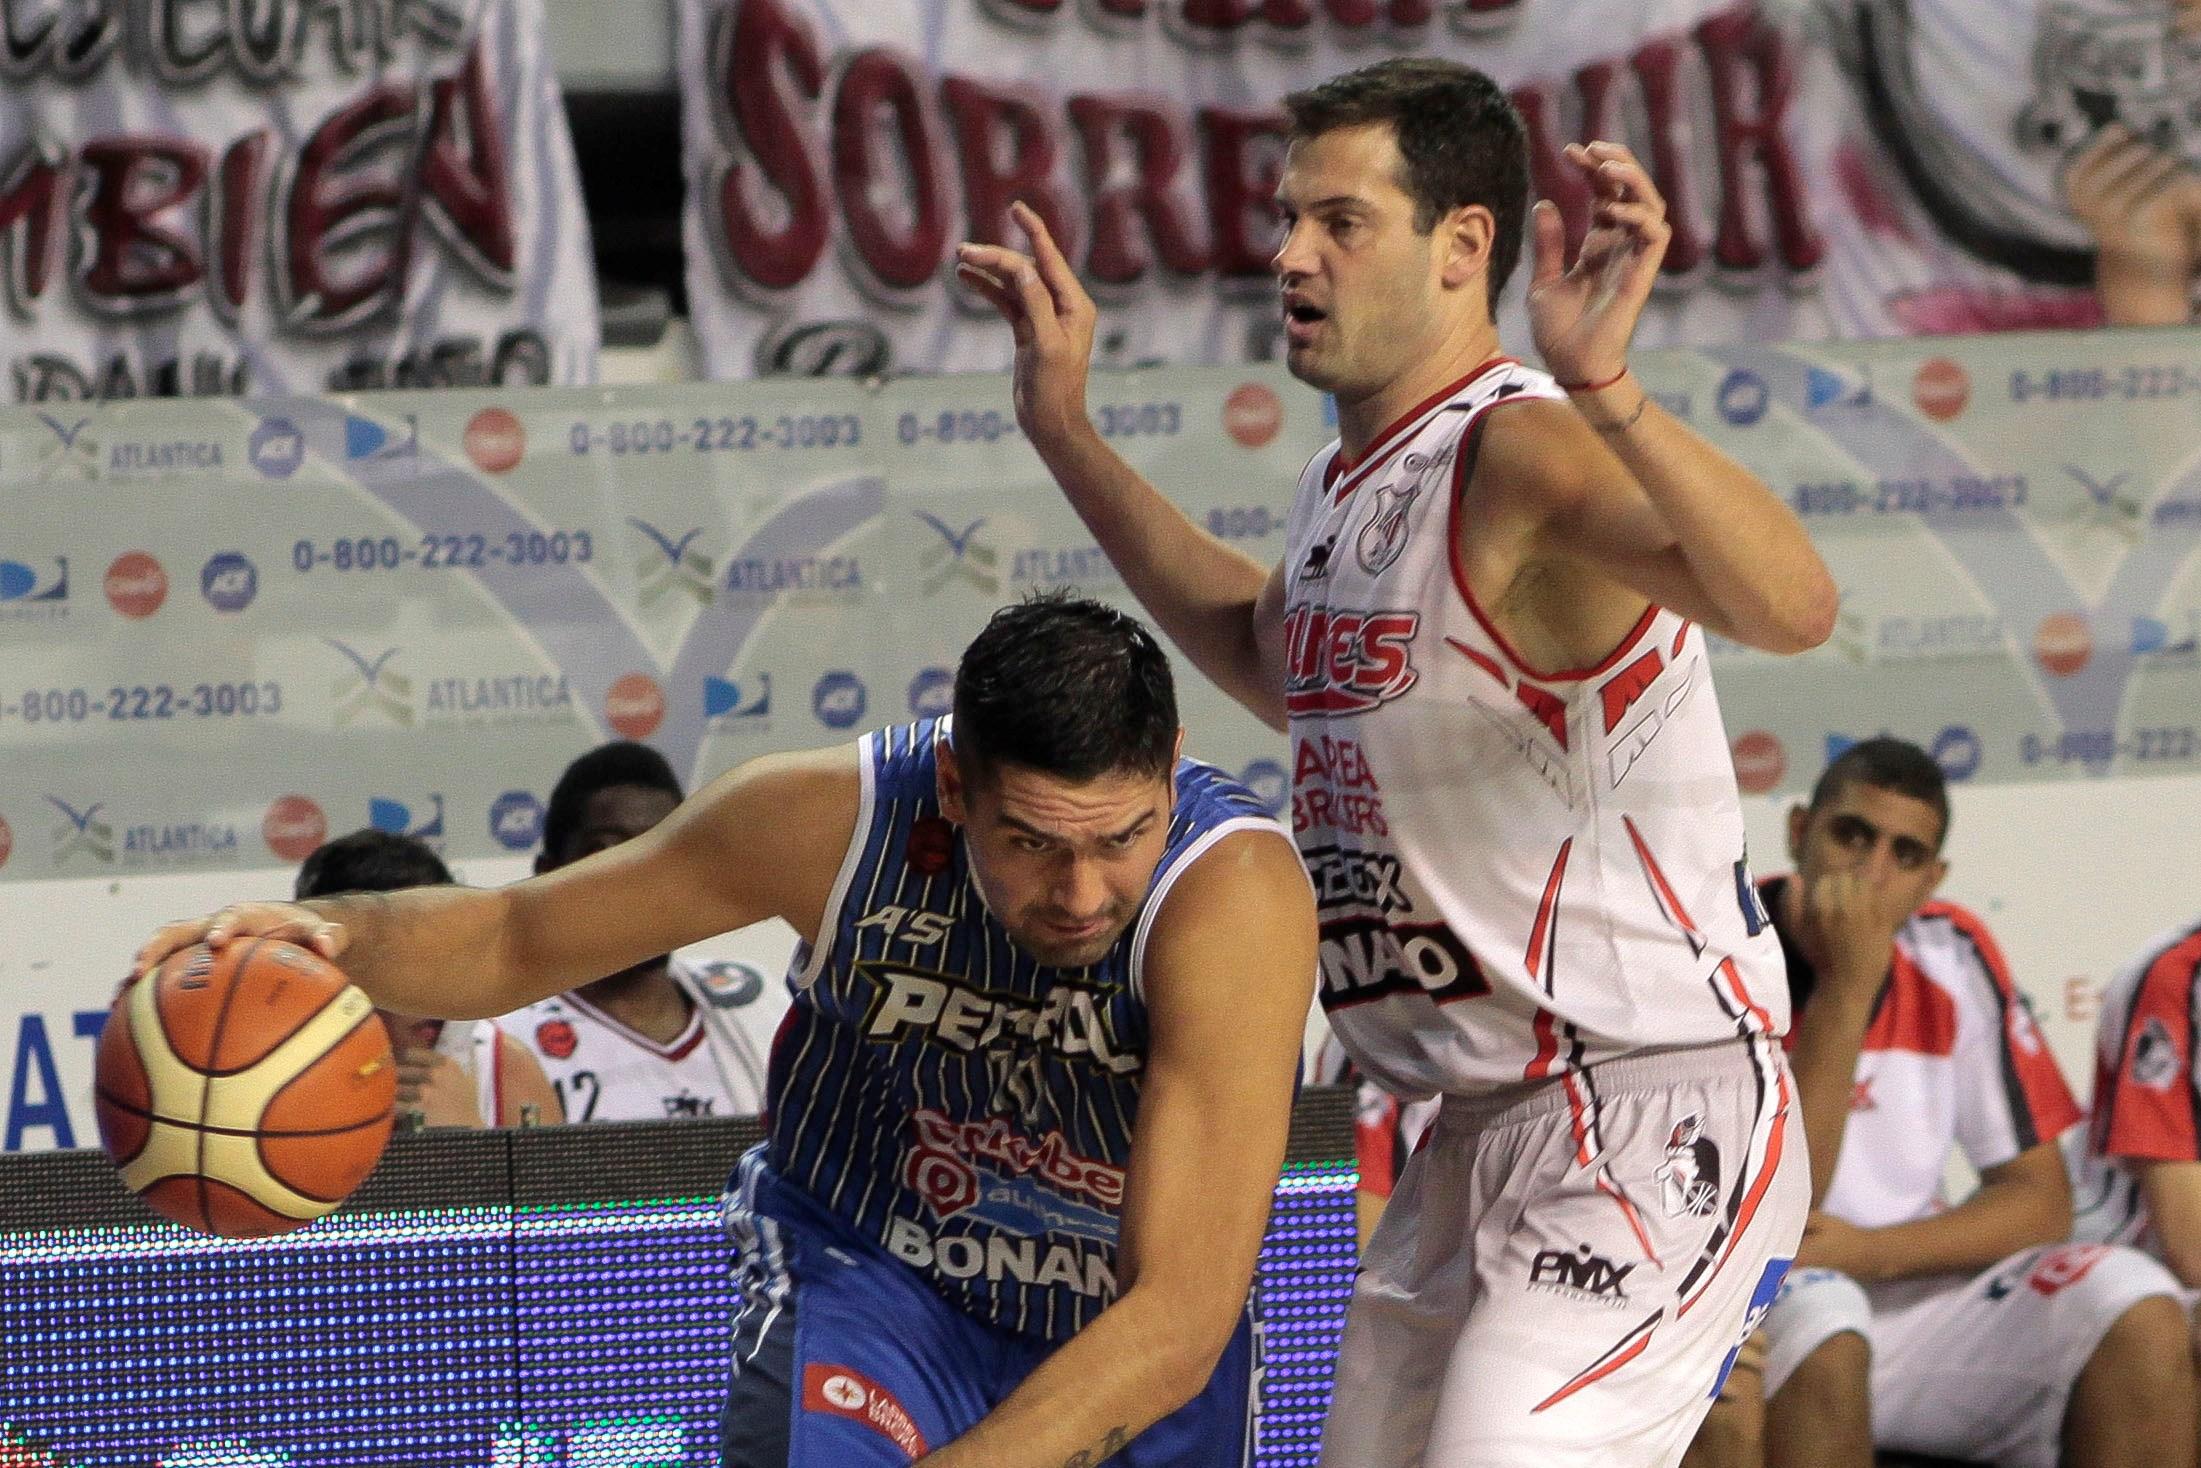 Leonardo Gutiérrez habló luego de la victoria en el clásico. (Foto: Diego Izquierdo - Télam)